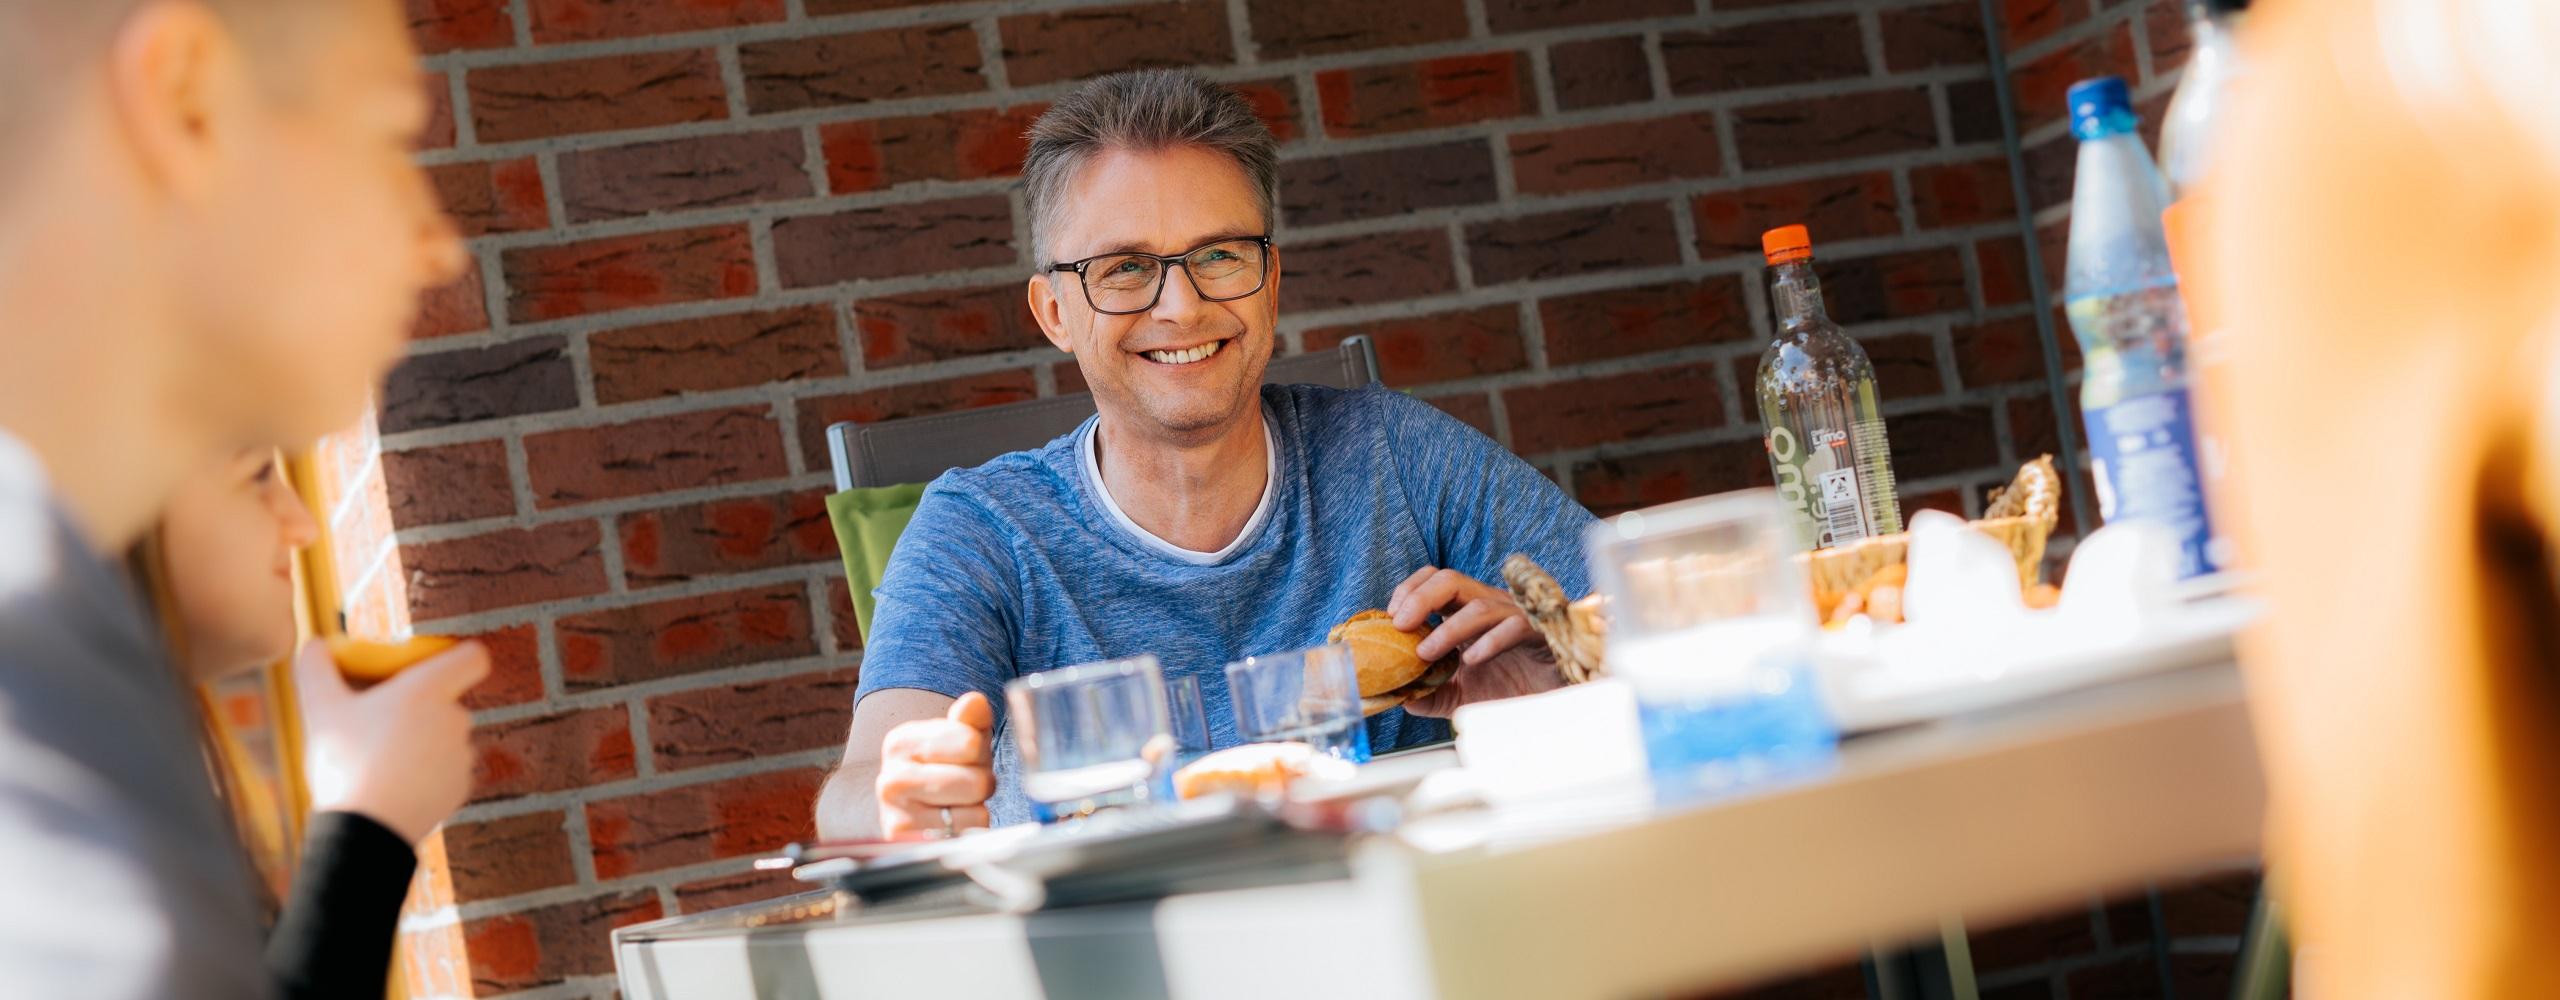 Frank Henning beim gemeinsamen Essen mit der Familie